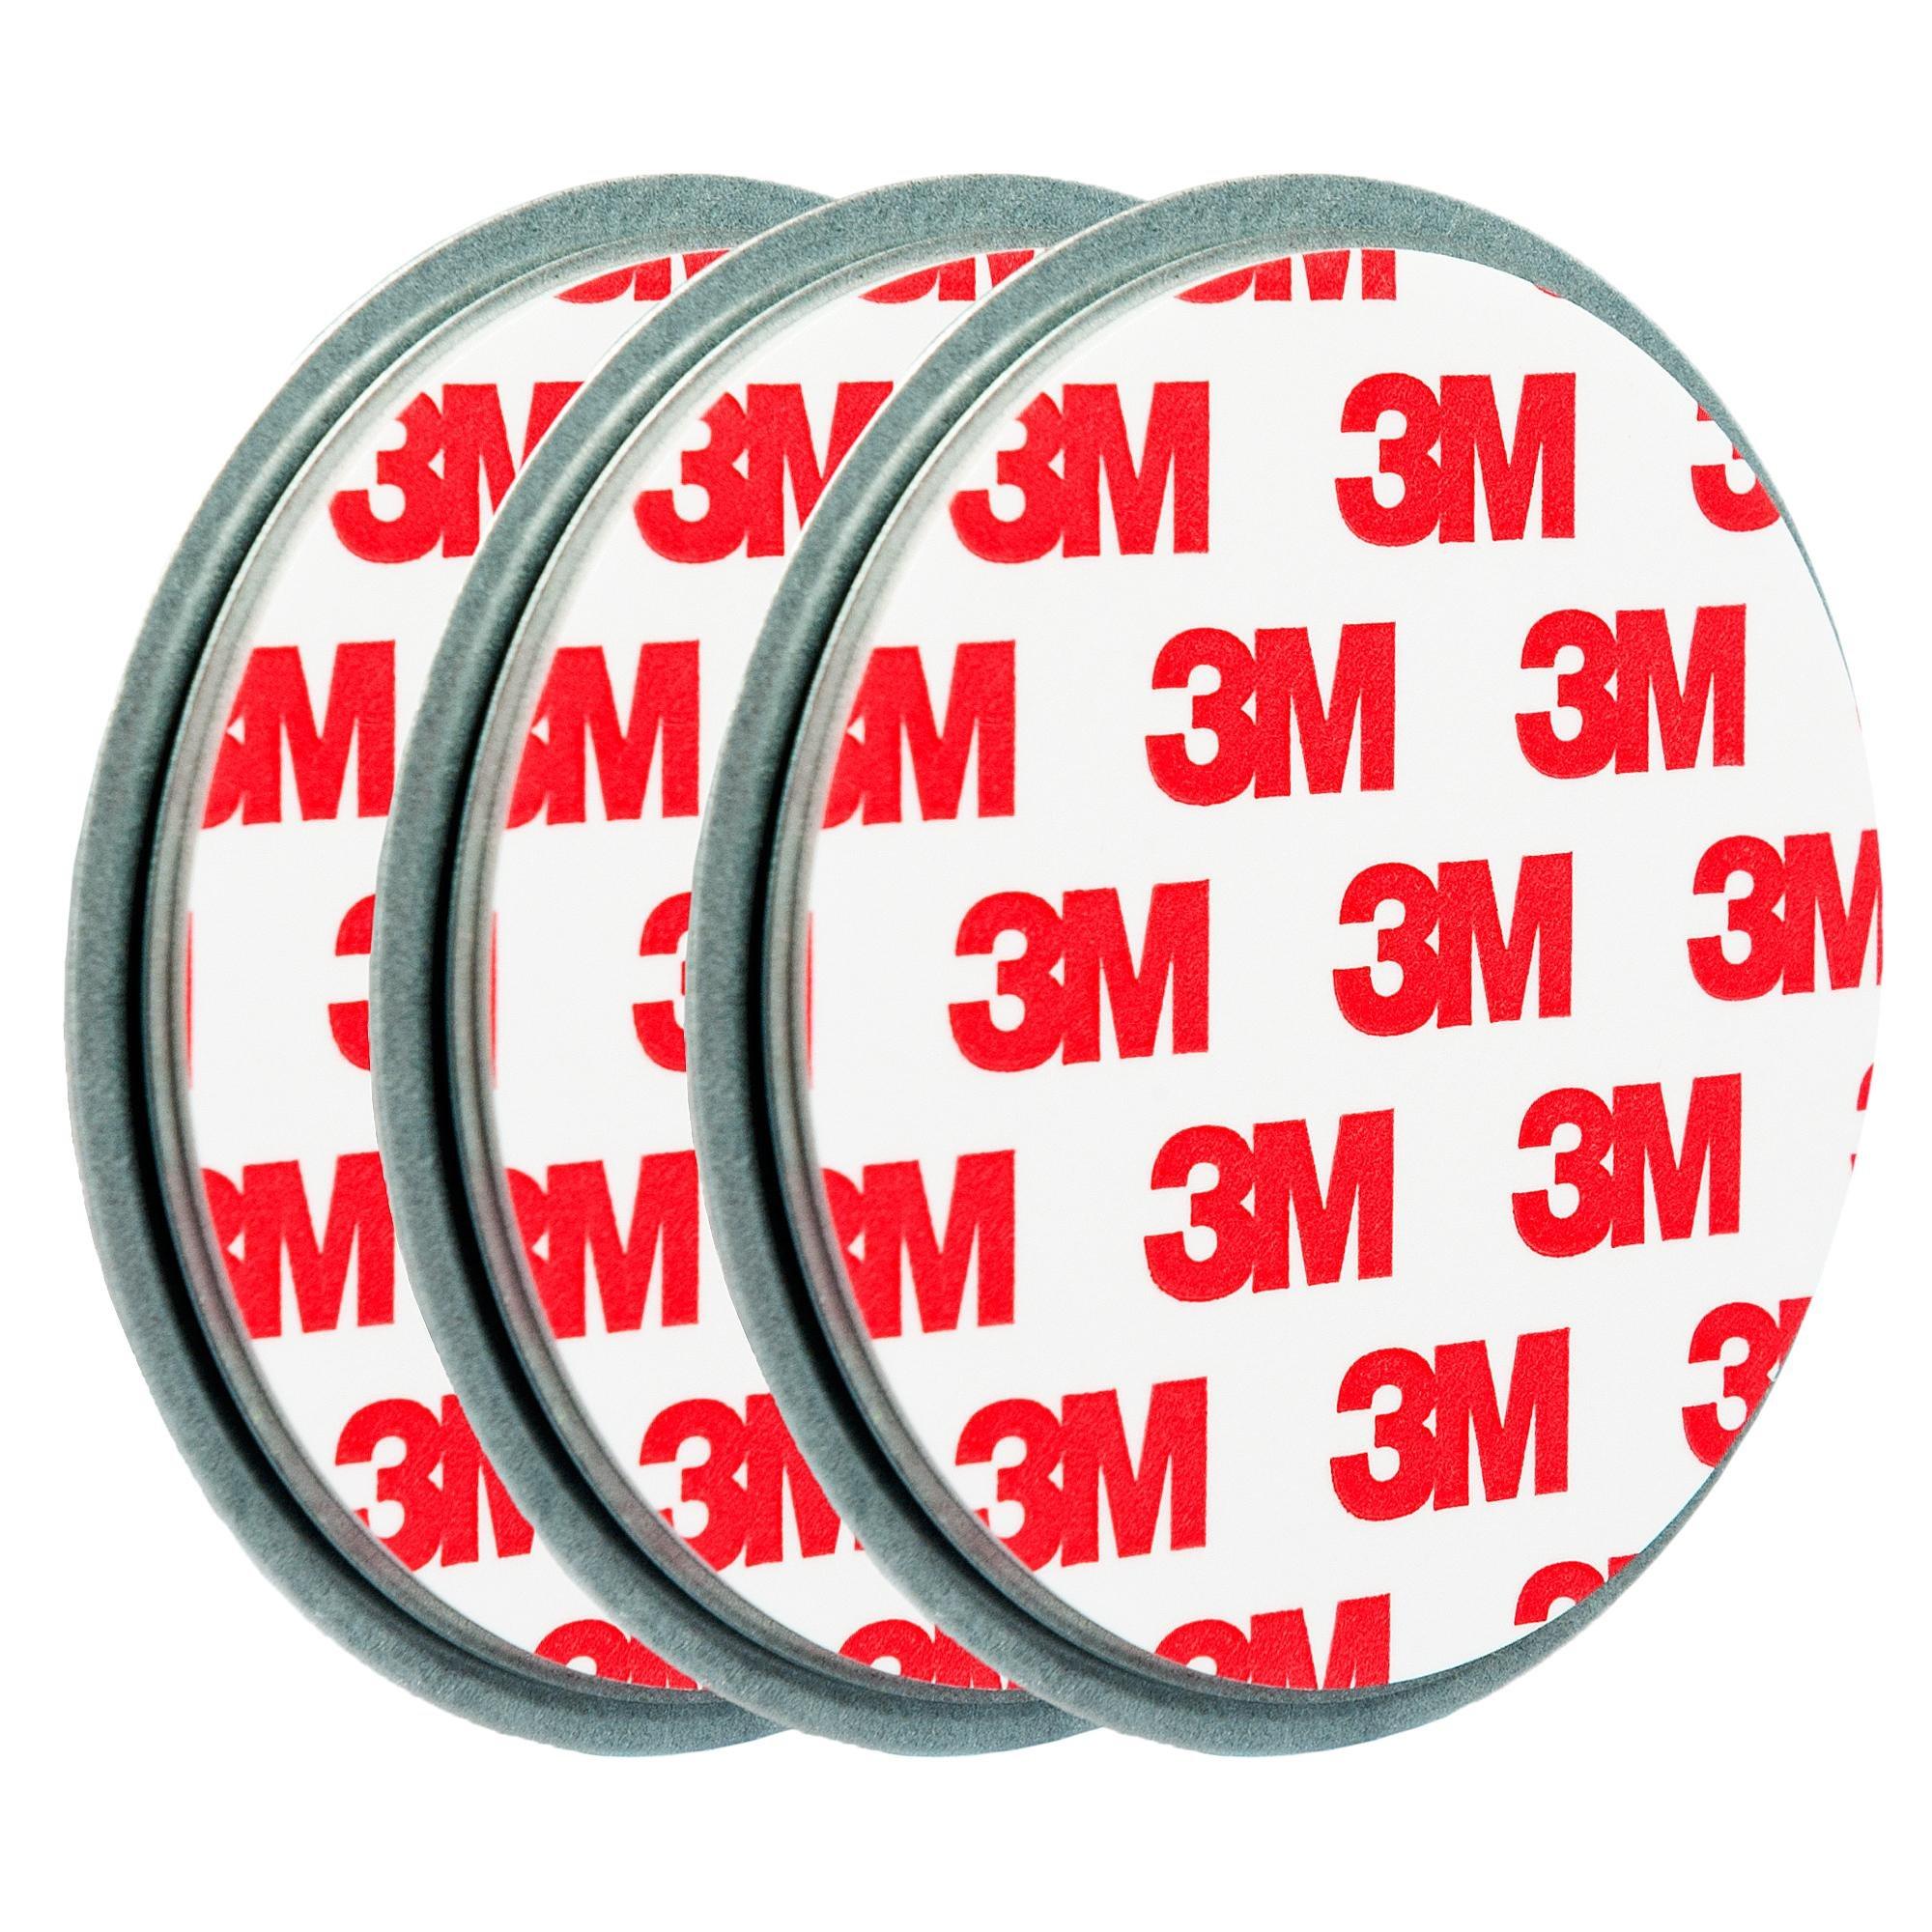 ECENCE 3X Fixation pour détecteur de fumée Aimant Support magnétique Plaquette aimantée 45020108003 product image